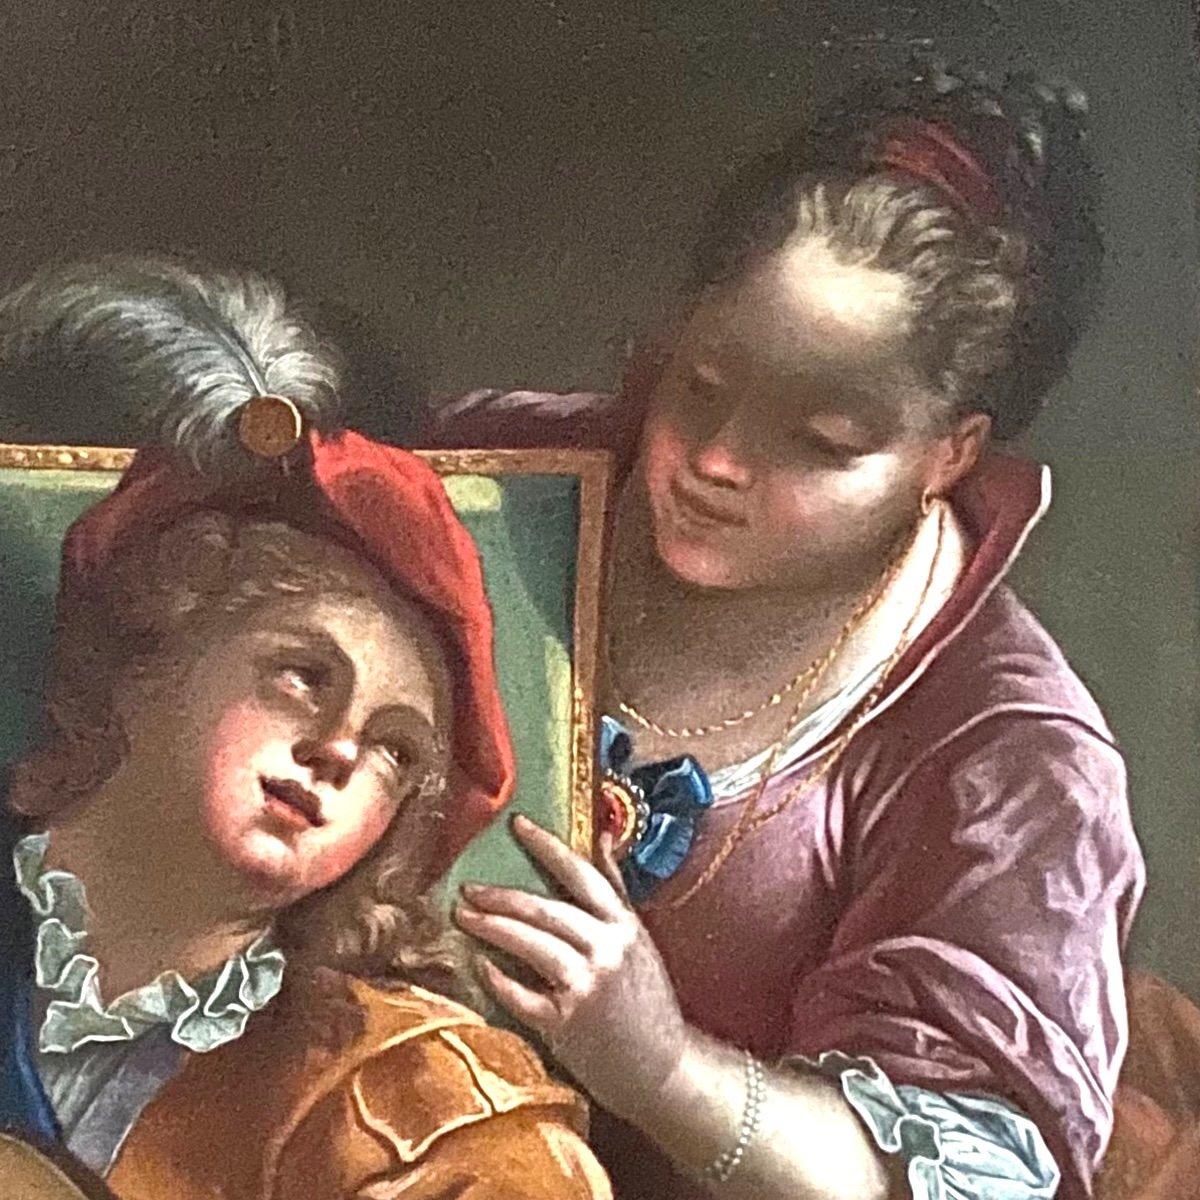 Le duo ou la  leçon dangereuse, d'ap. Raoux, époque Régence XVIIIè. -photo-4